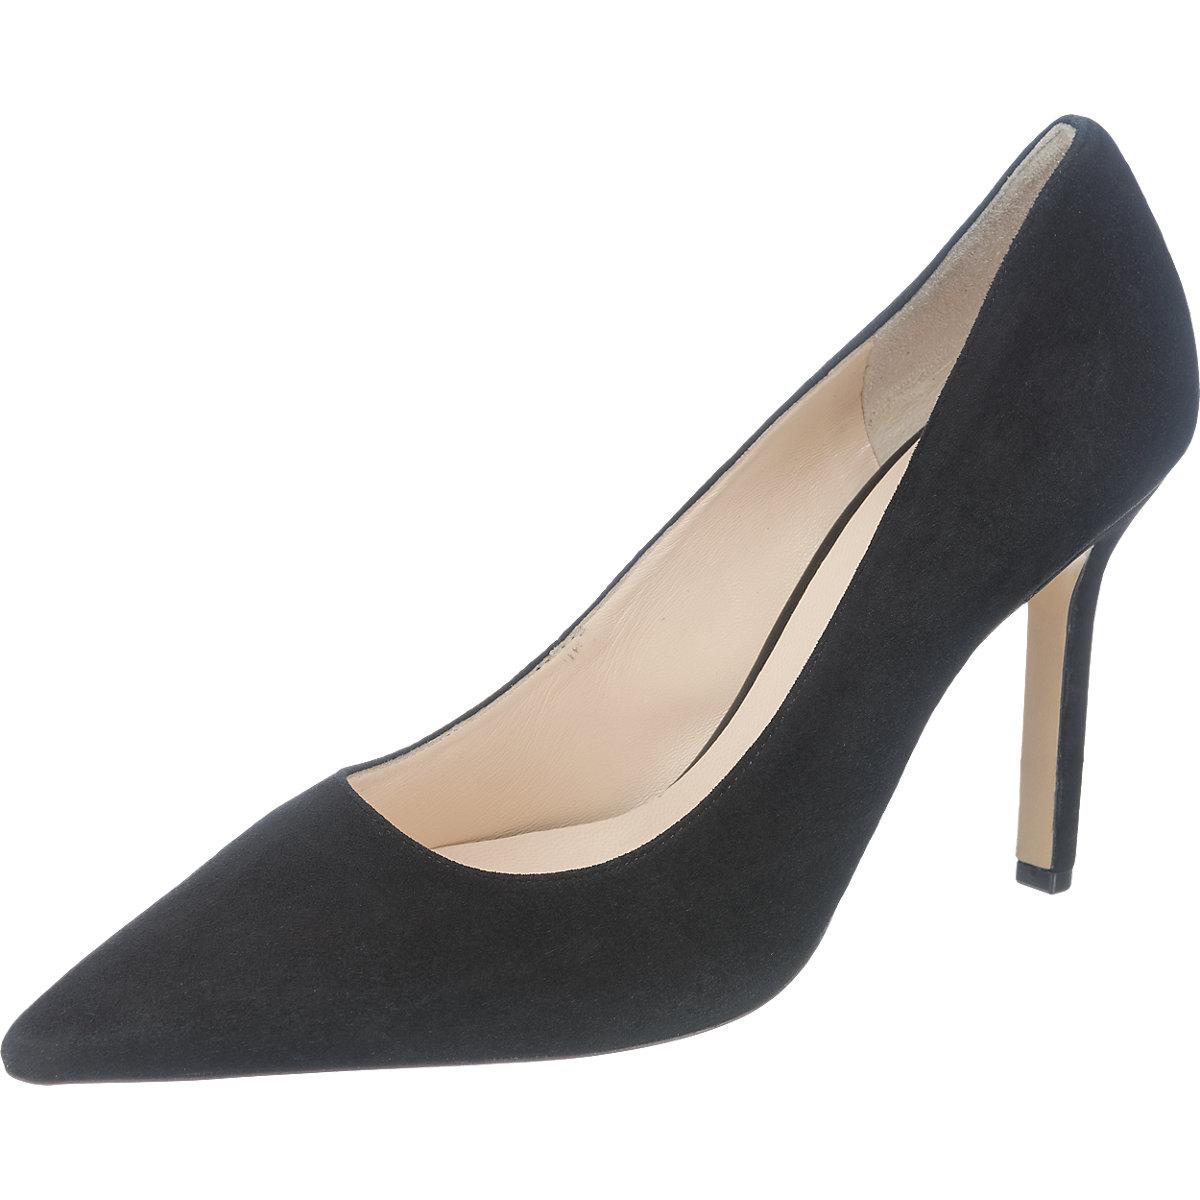 Högl, Klassische Pumps, schwarz  Gute Qualität beliebte Schuhe